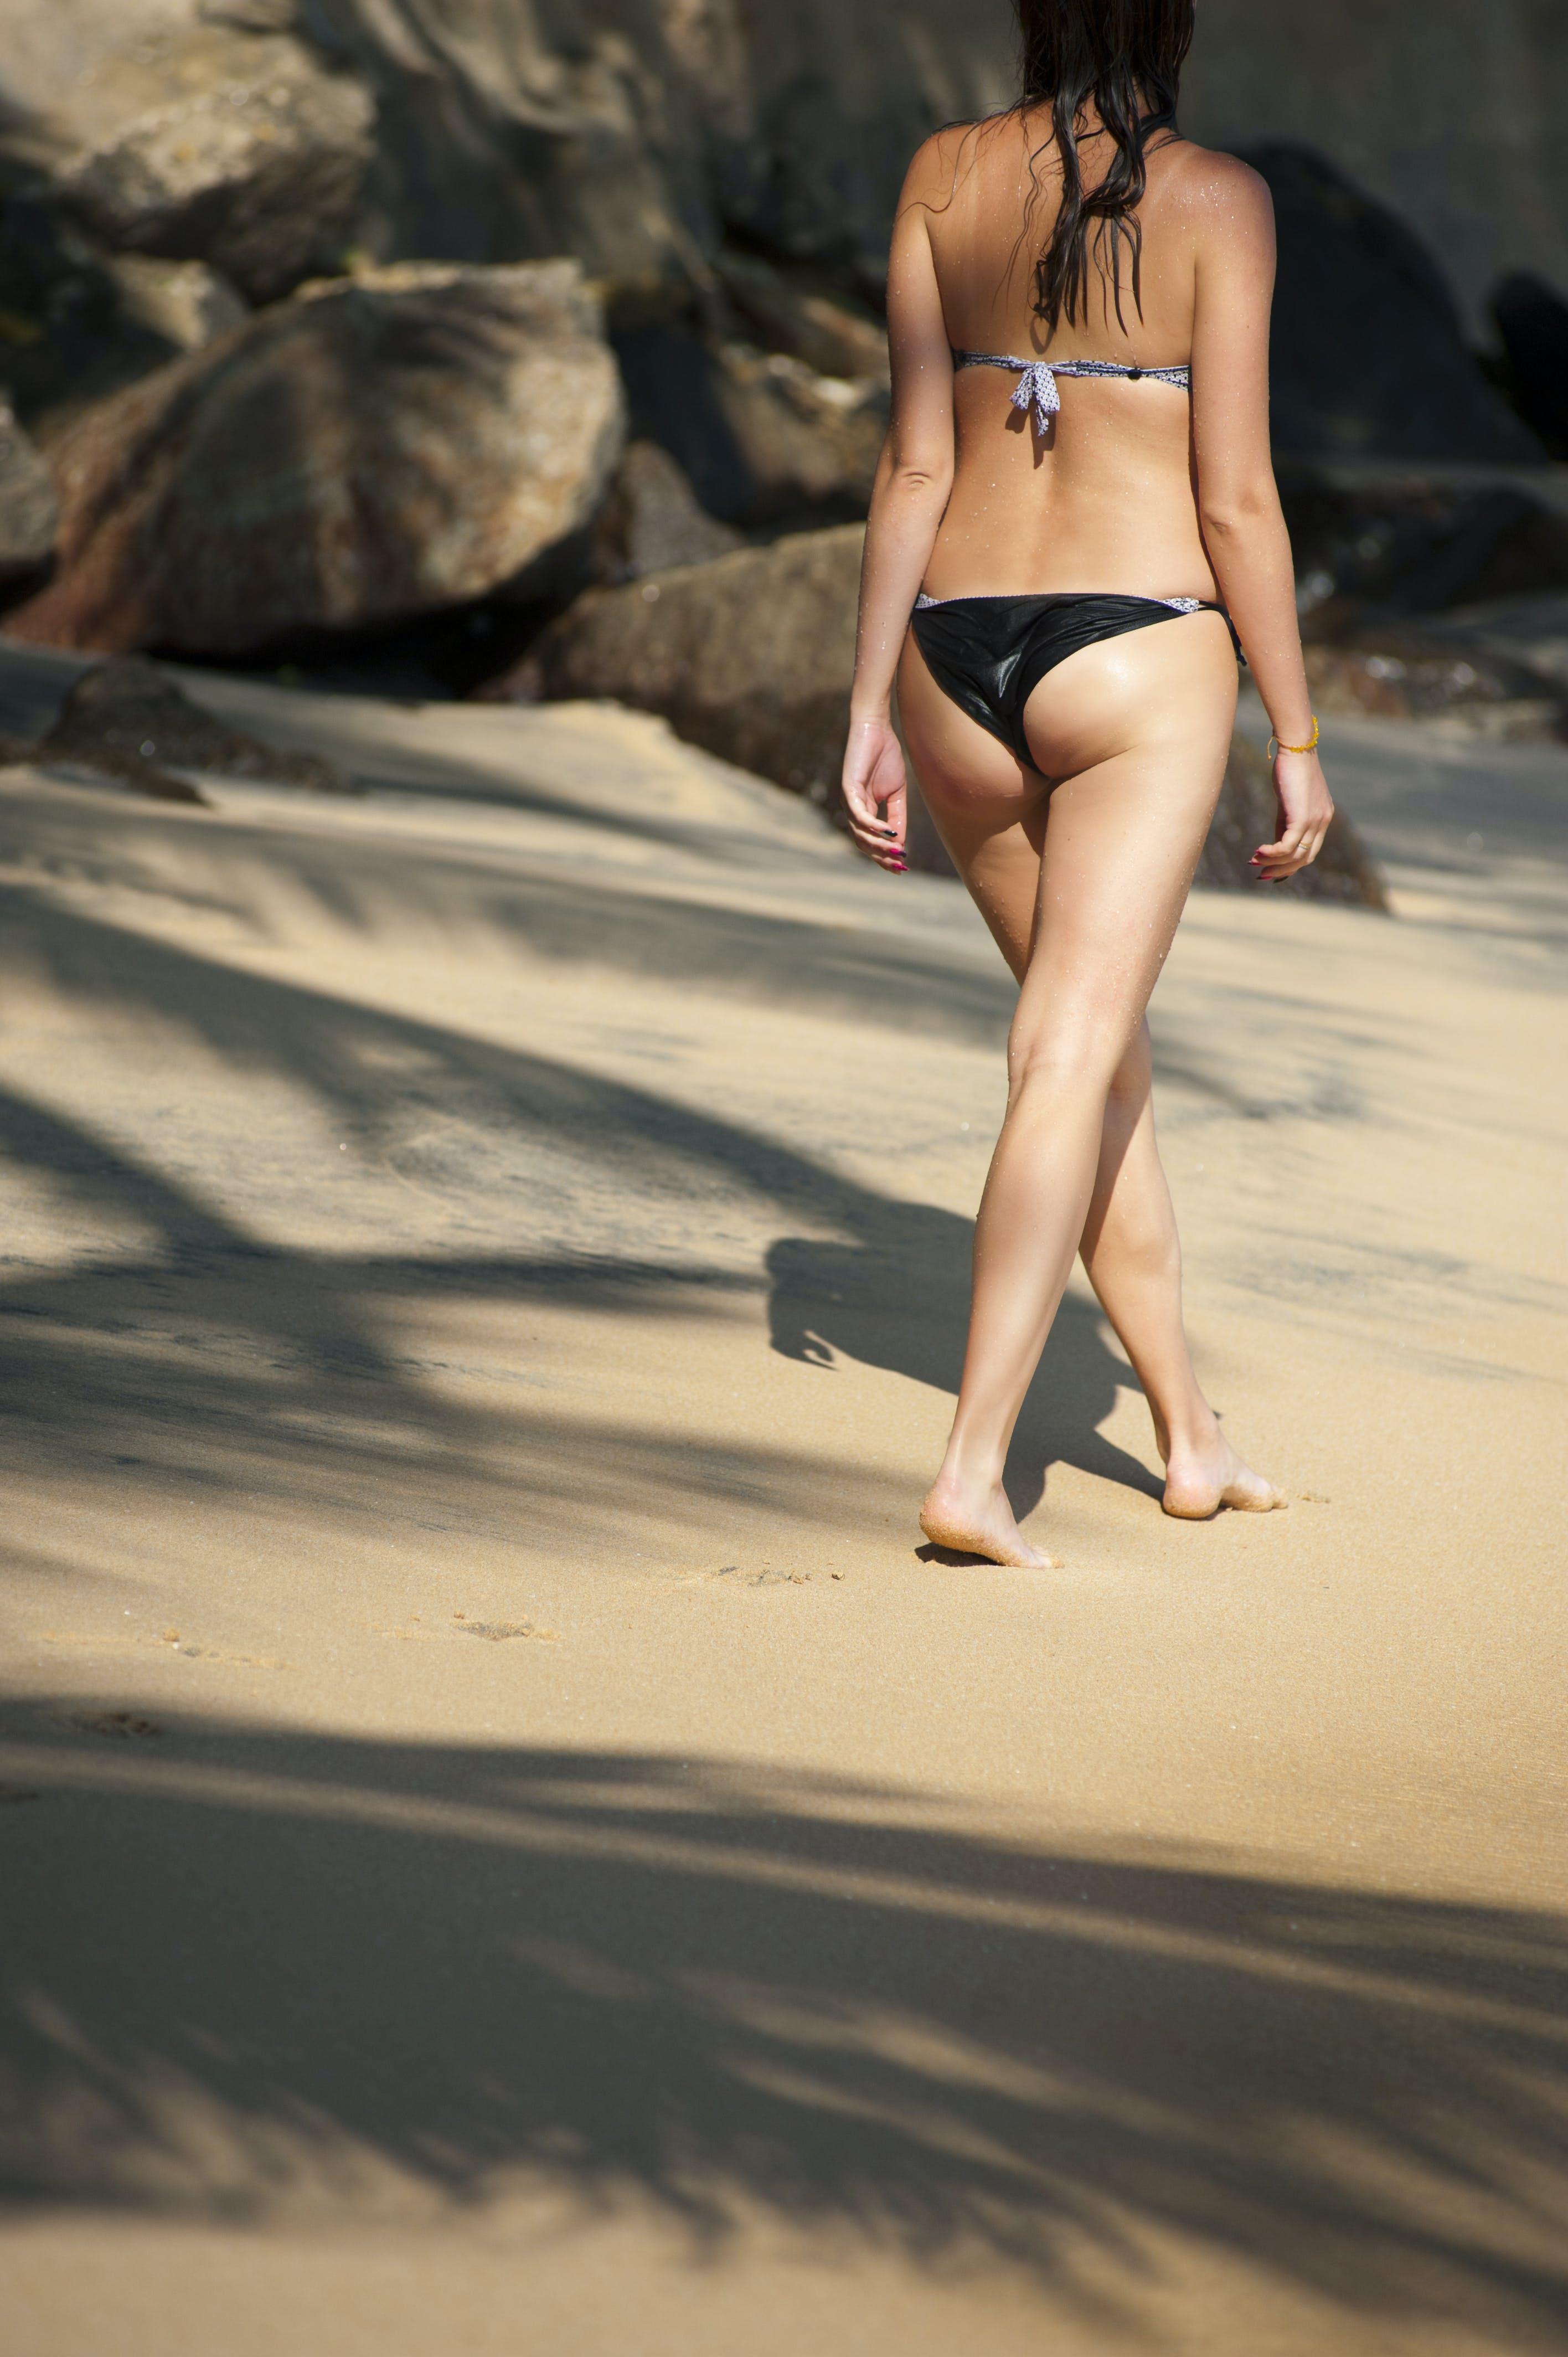 Kostnadsfri bild av baddräkt, bikini, flicka, fritid